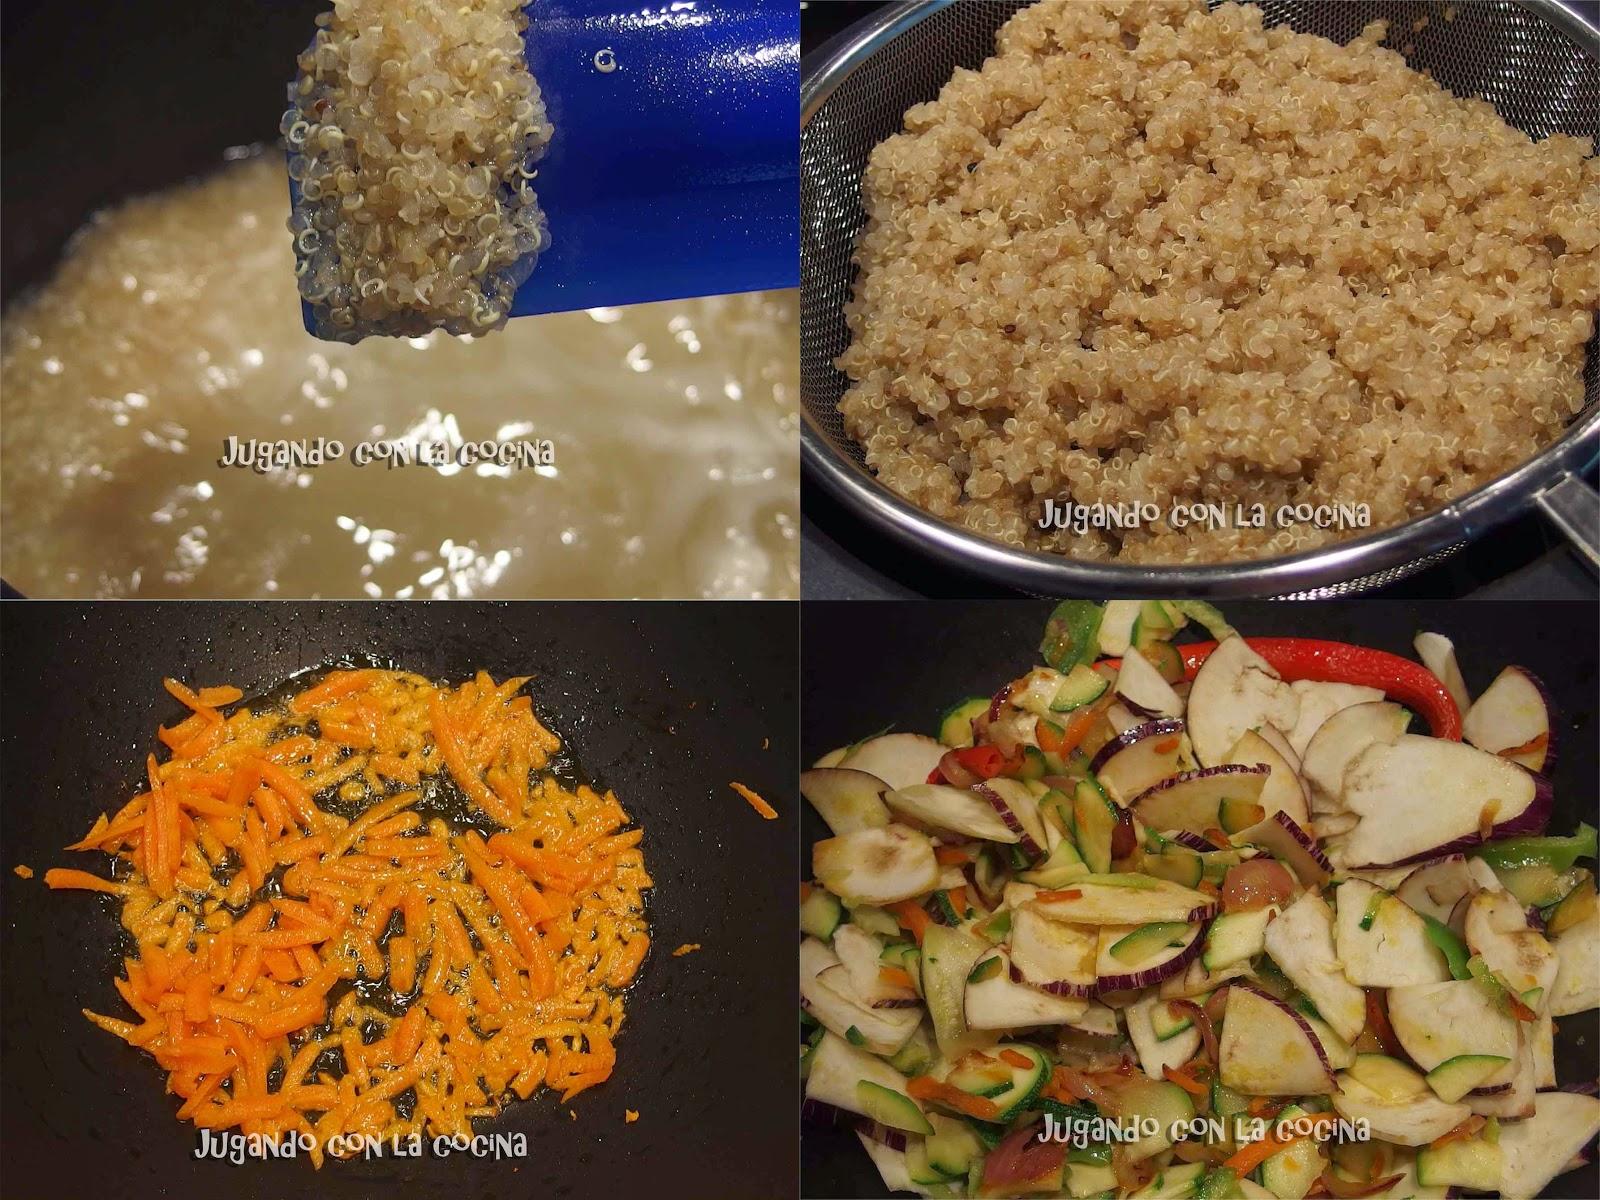 Jugando con la cocina quinoa con verduras for Cocina quinoa con verduras